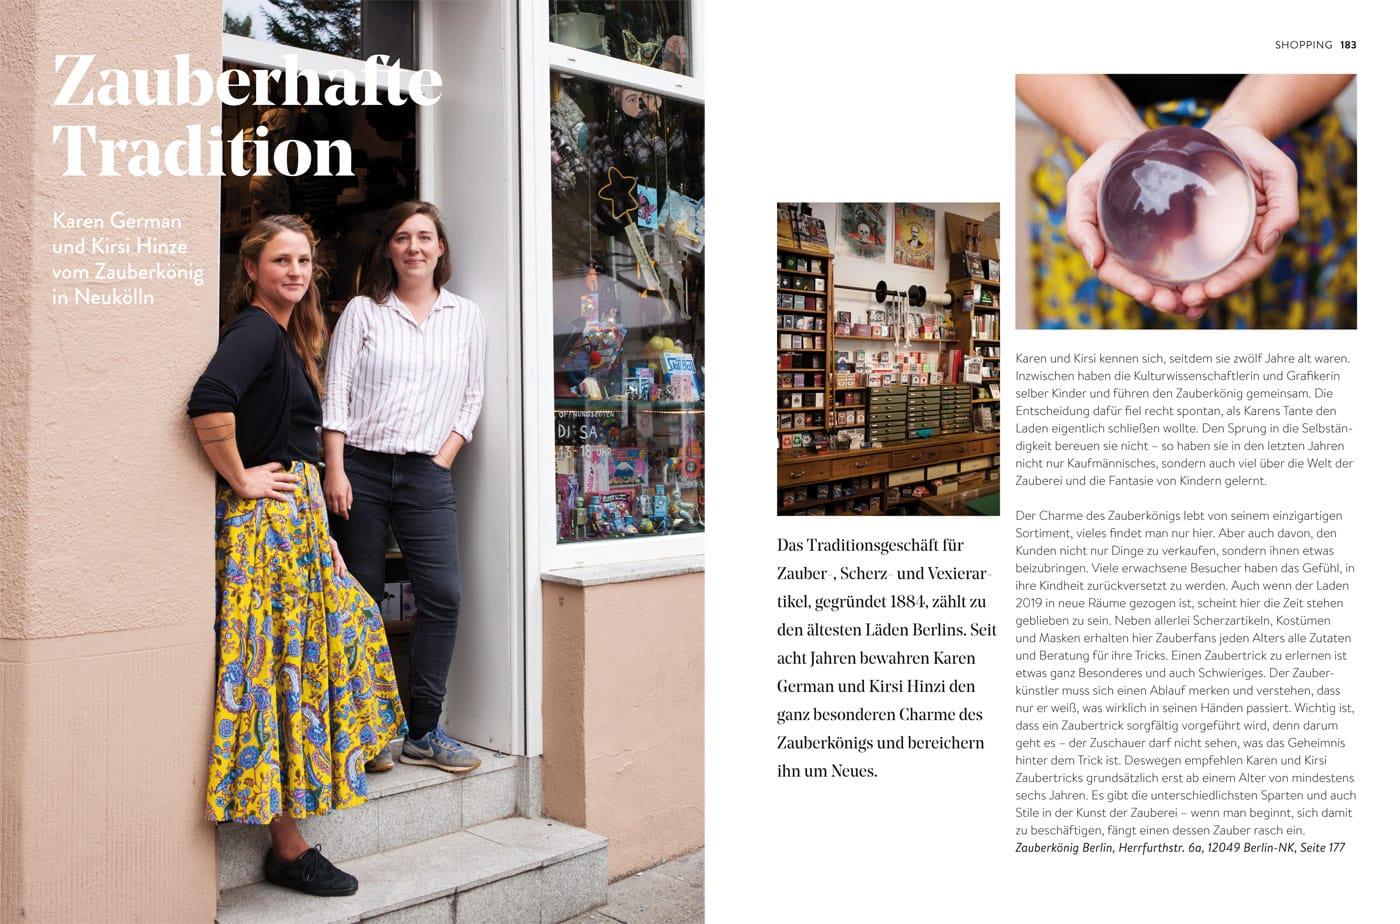 Shop-Portraits im HIMBEER Buch BERLIN MIT KIND 2021: Der Zauberkönig in Neukölln // HIMBEER